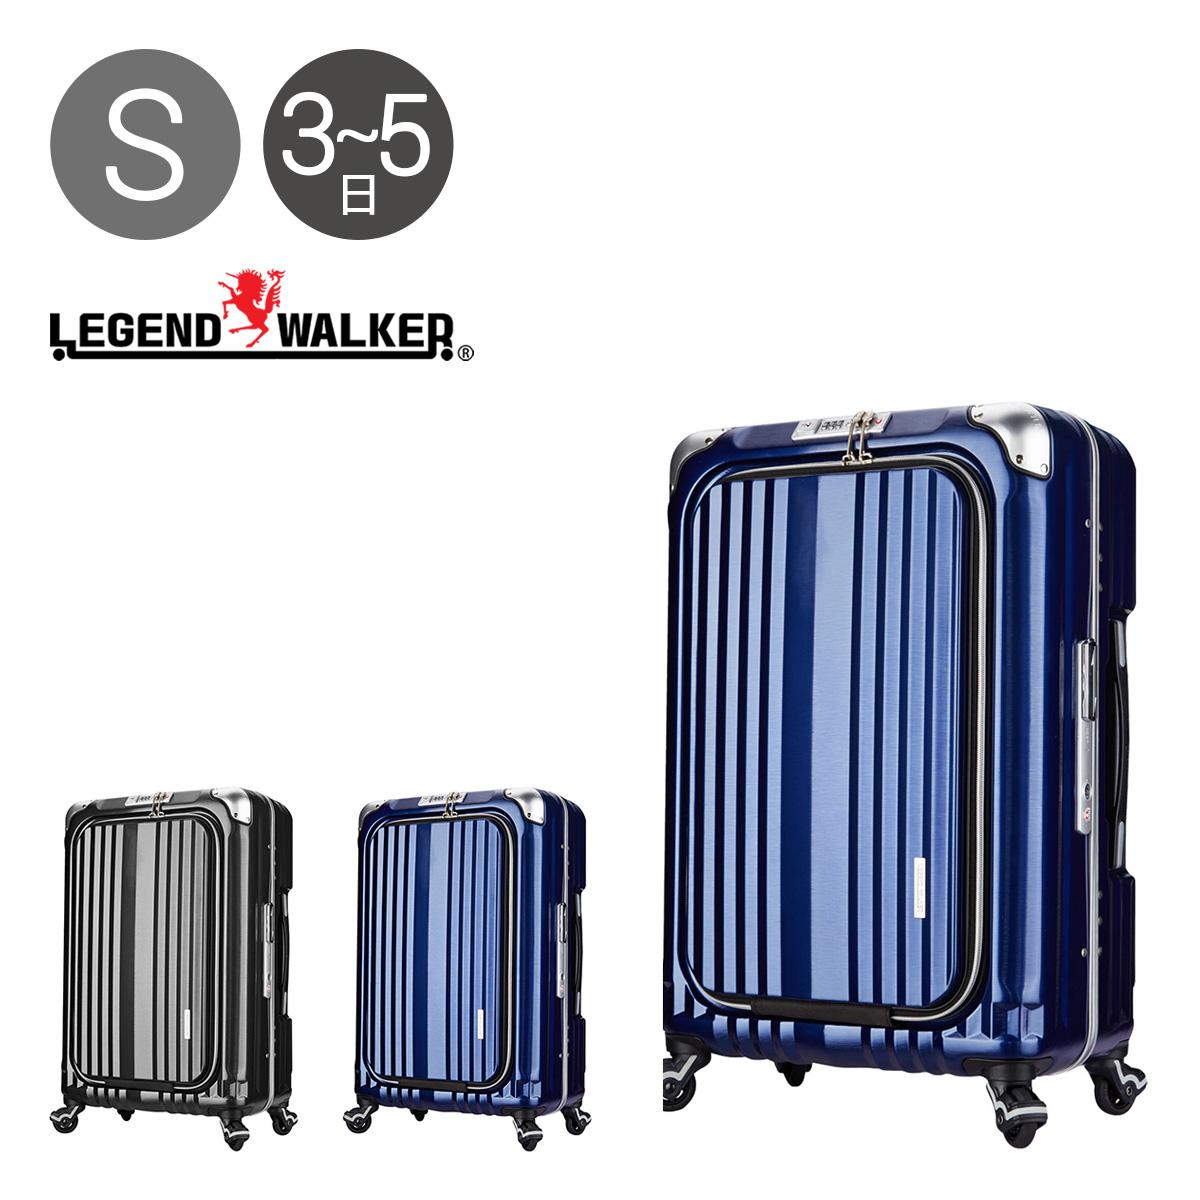 レジェンドウォーカー グラン LEGEND WALKER GRAND スーツケース 6603-58 58cm BLADE 【 キャリーケース ハードケース ビジネスキャリー フロントオープン 出張 TSAロック搭載 3年保証 】【PO10】【bef】